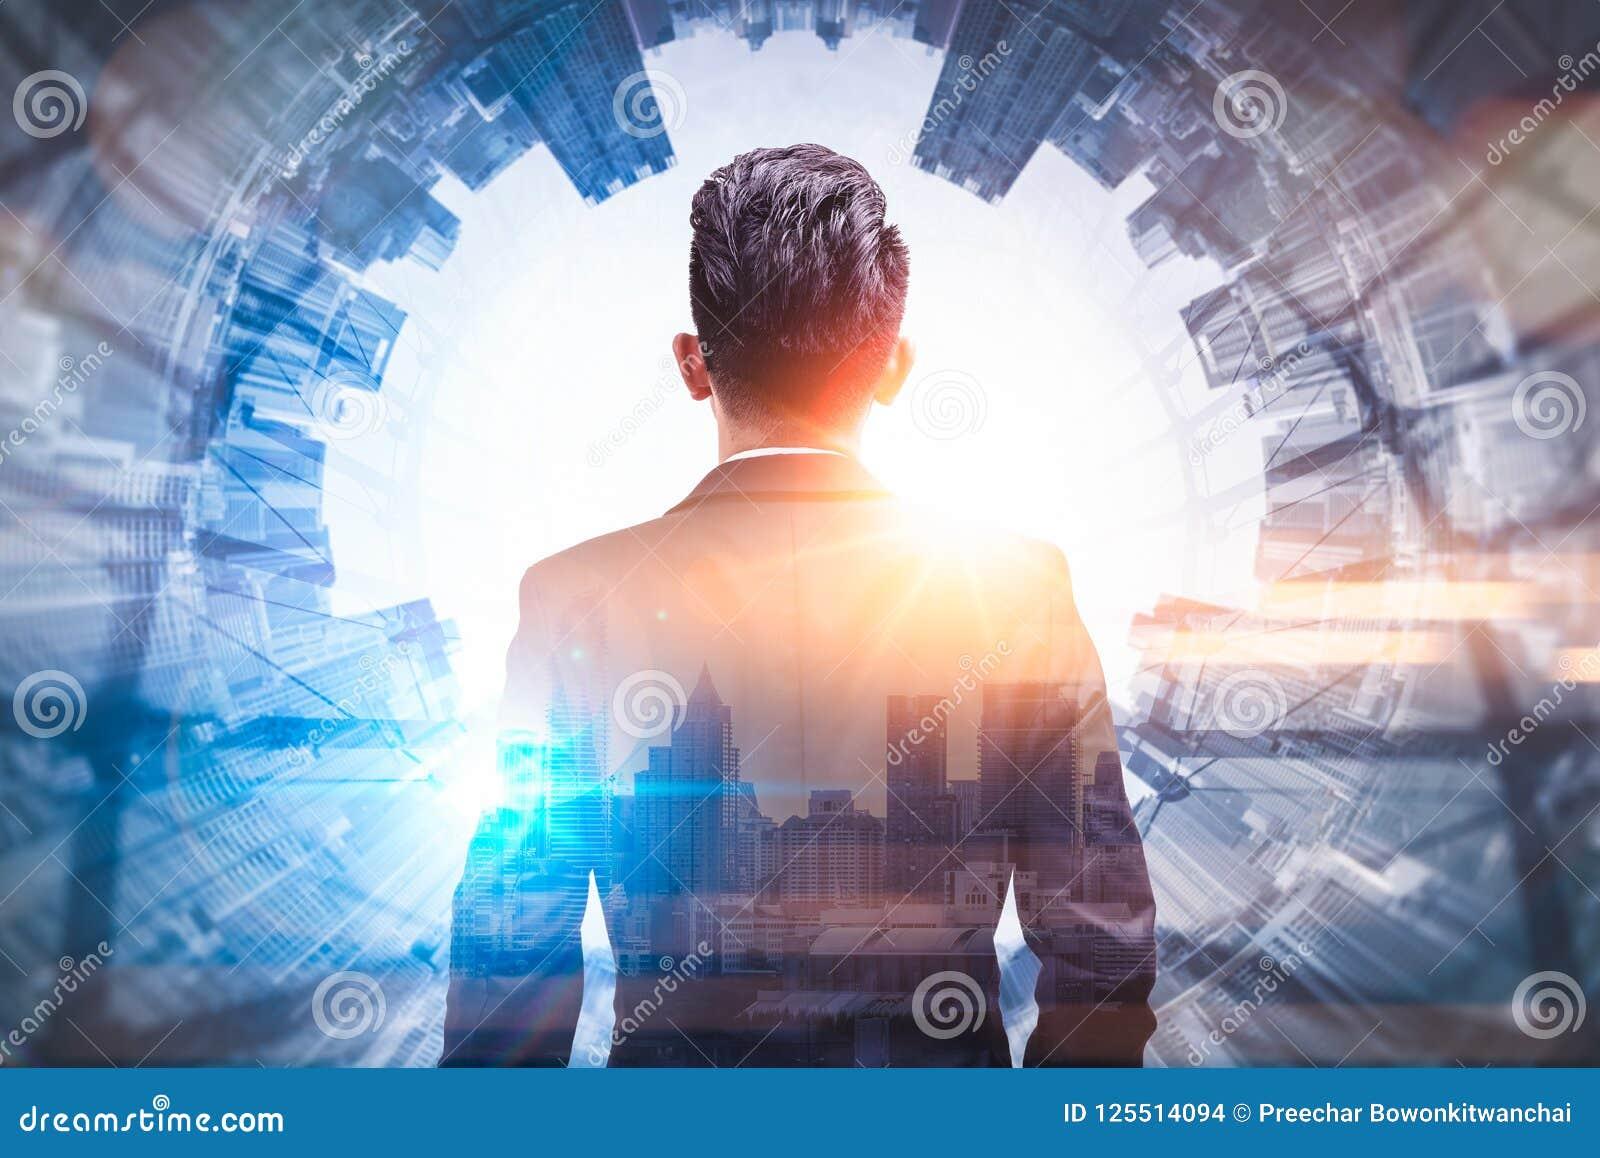 L image de double exposition de l homme d affaires reculant pendant le lever de soleil a recouvert avec l image de paysage urbain